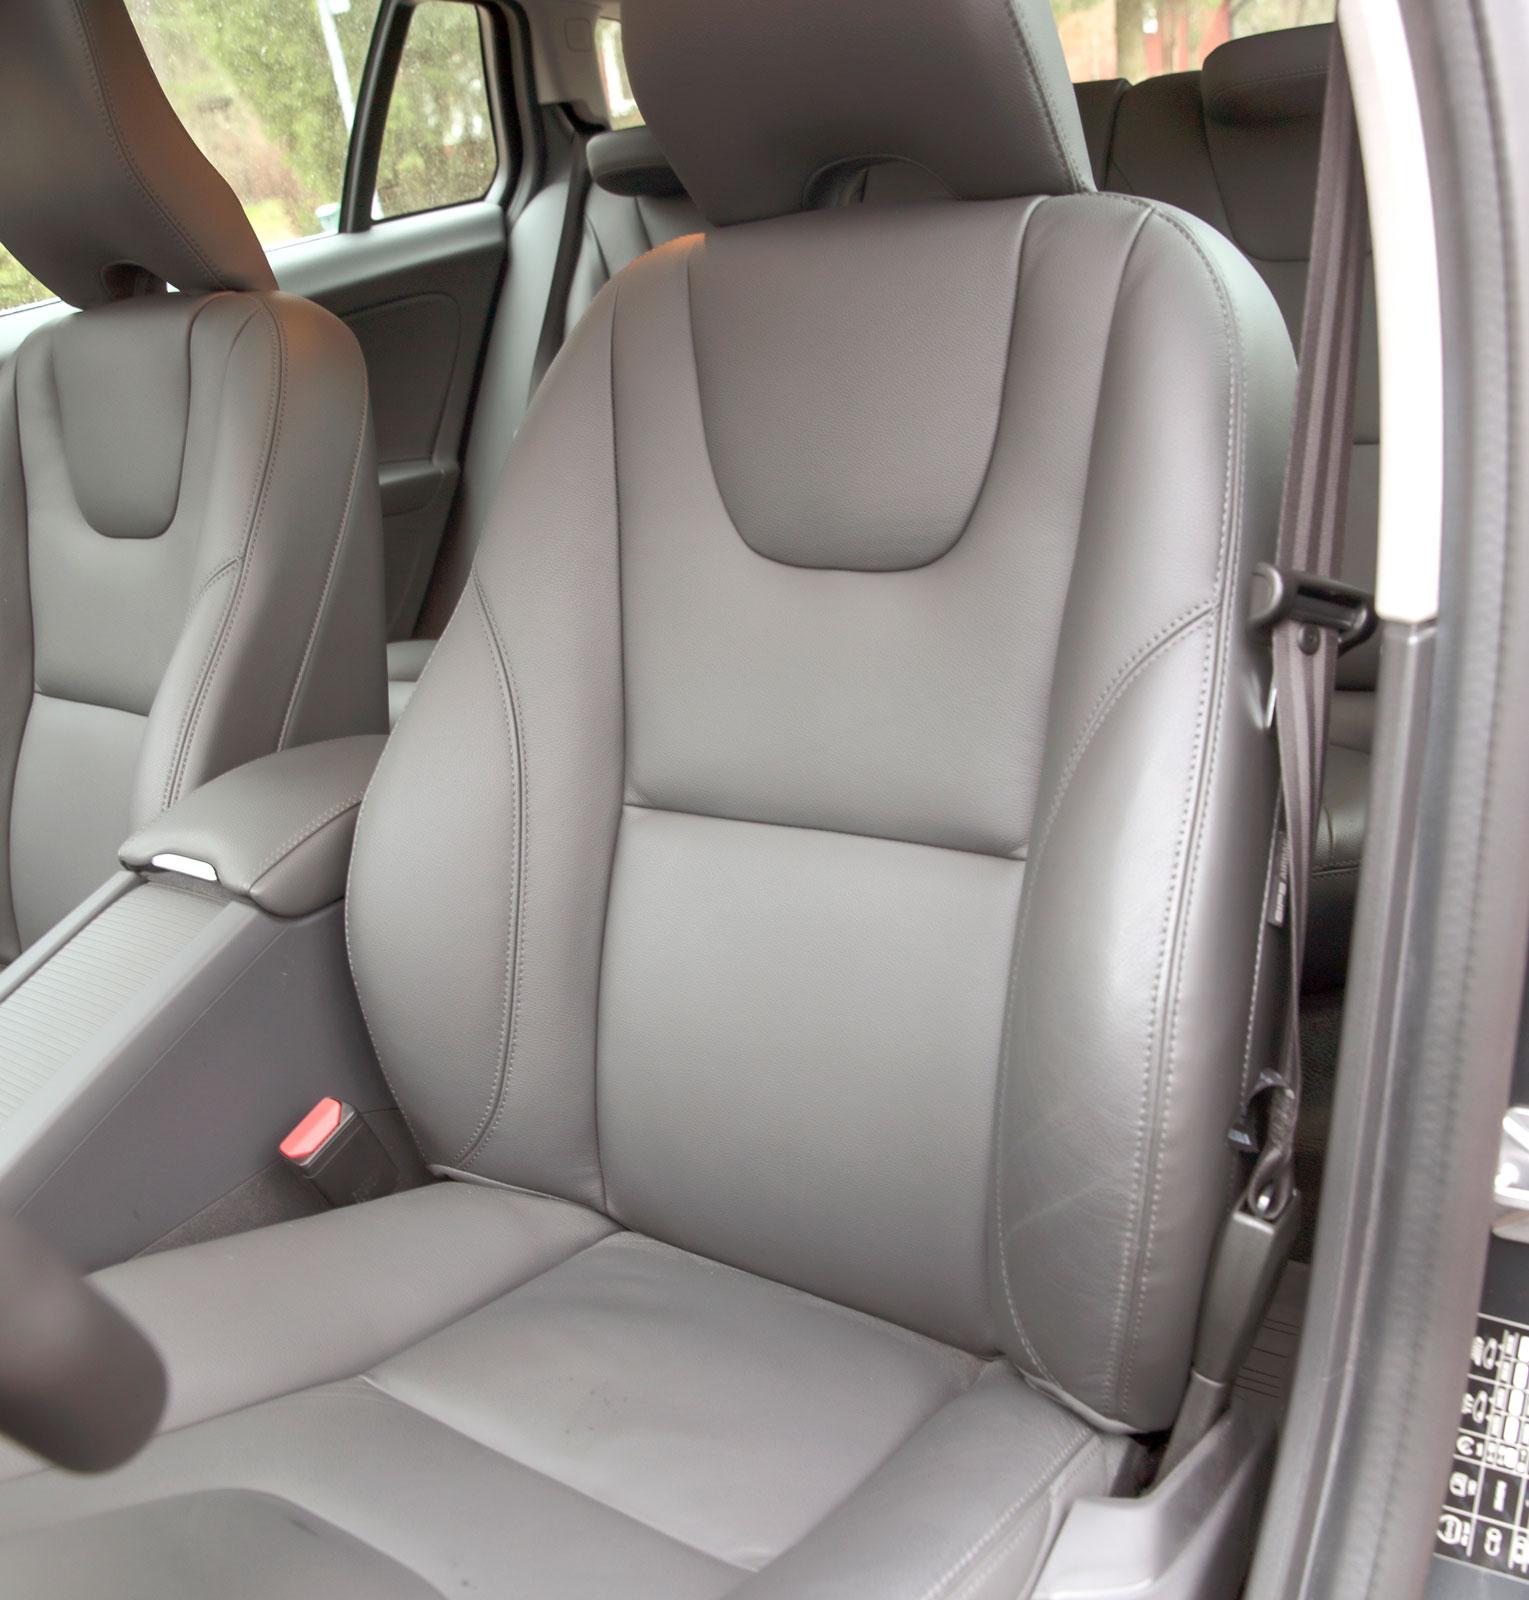 Än en gång höll alla testförare Volvos stolar som de bästa. Mycket inbjudande att slå sig ned i, håller för riktigt långa körpass.